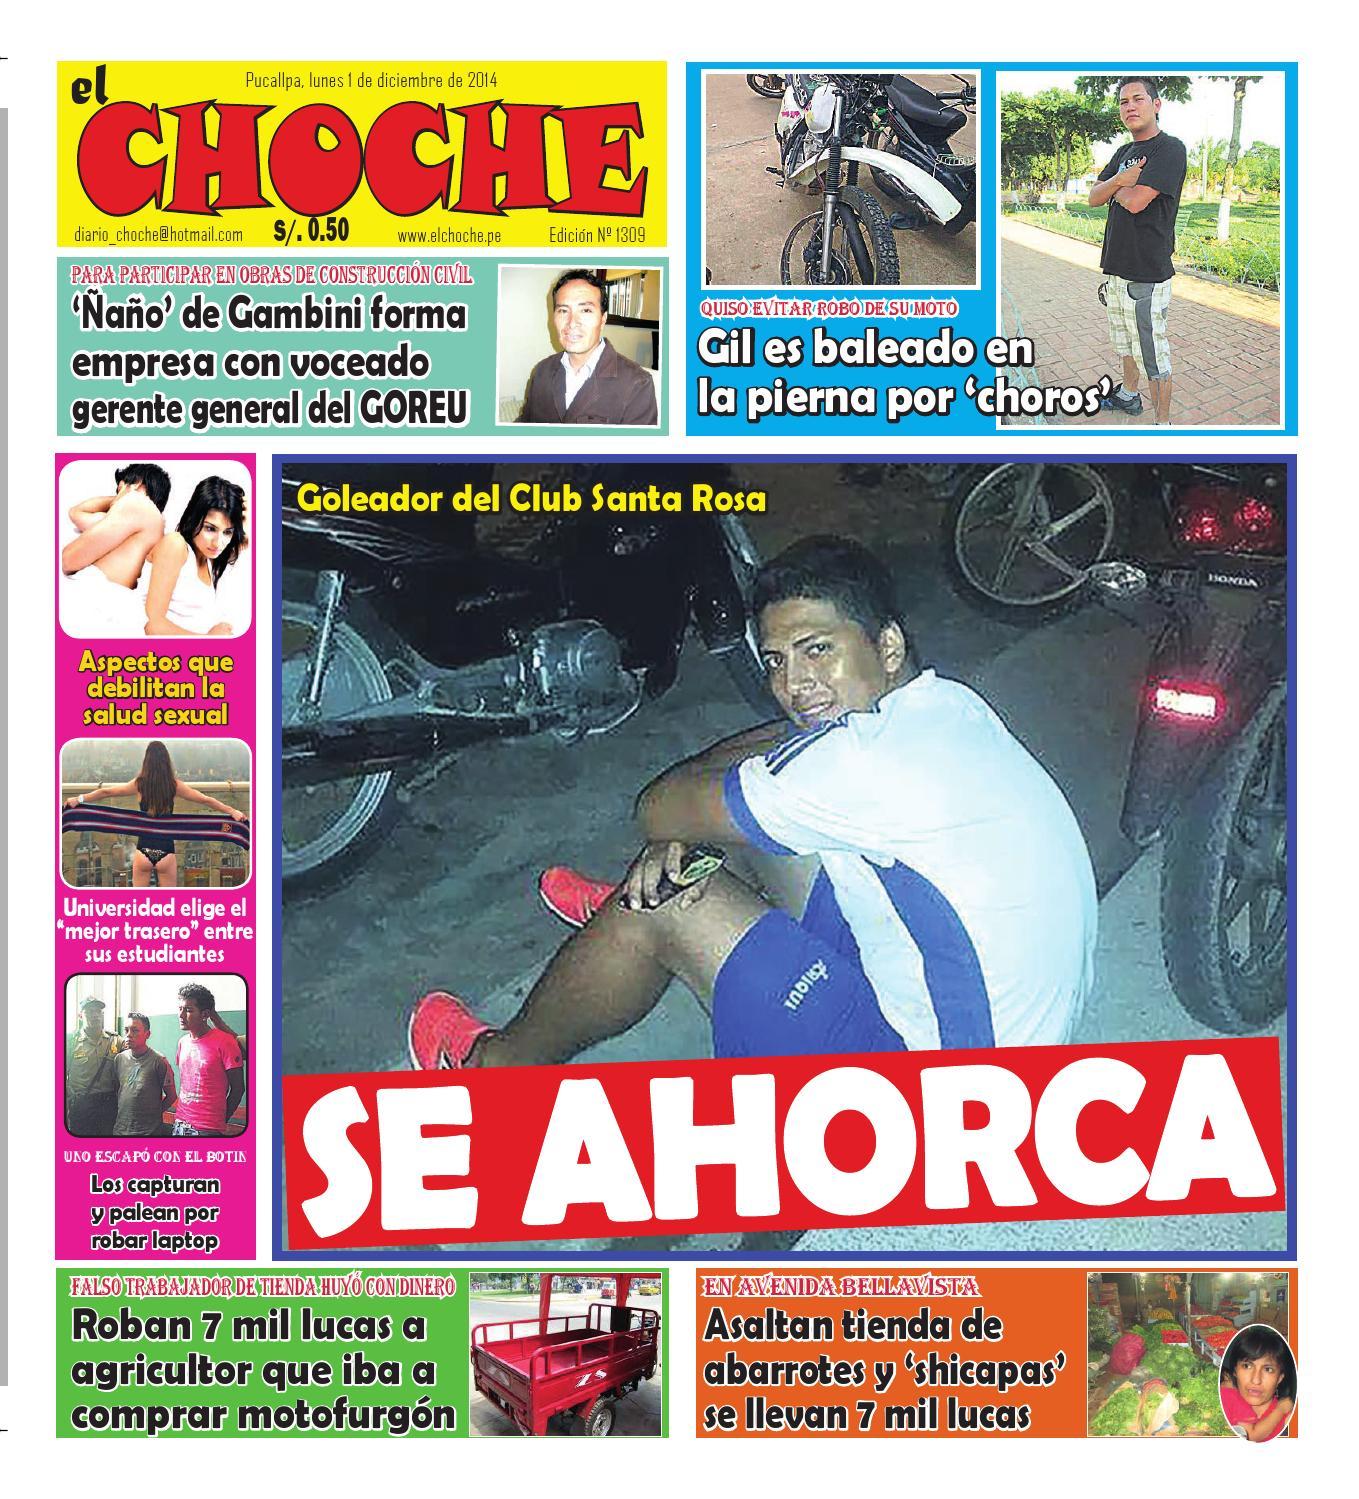 6edd503f El choche 01 de diciembre de 2014 by Diario El Choche - issuu